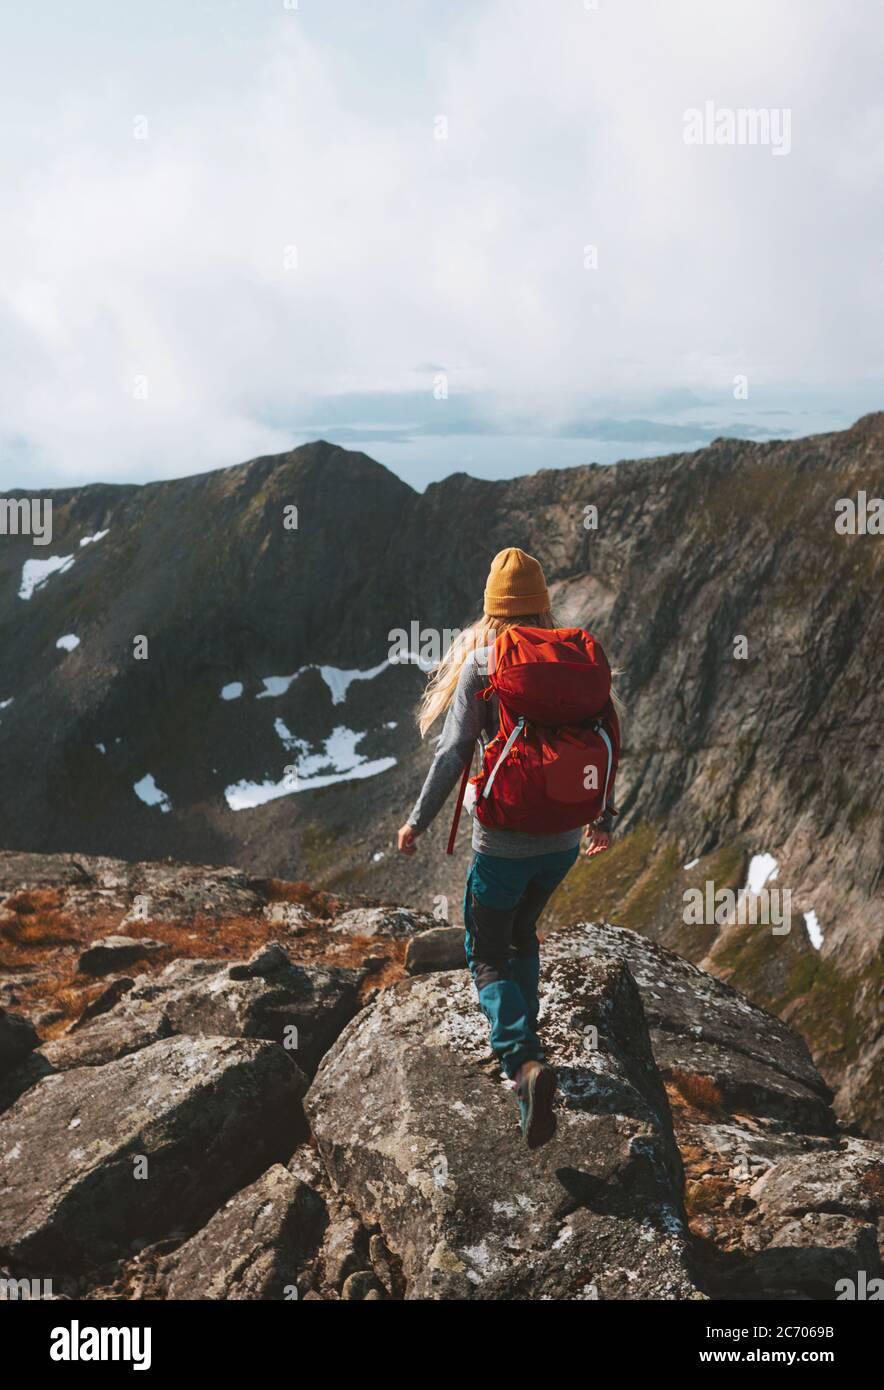 Mujer camino corriendo en las montañas con mochila roja viaje estilo de vida senderismo solo activo vacaciones de verano al aire libre aventura viaje en Noruega Foto de stock